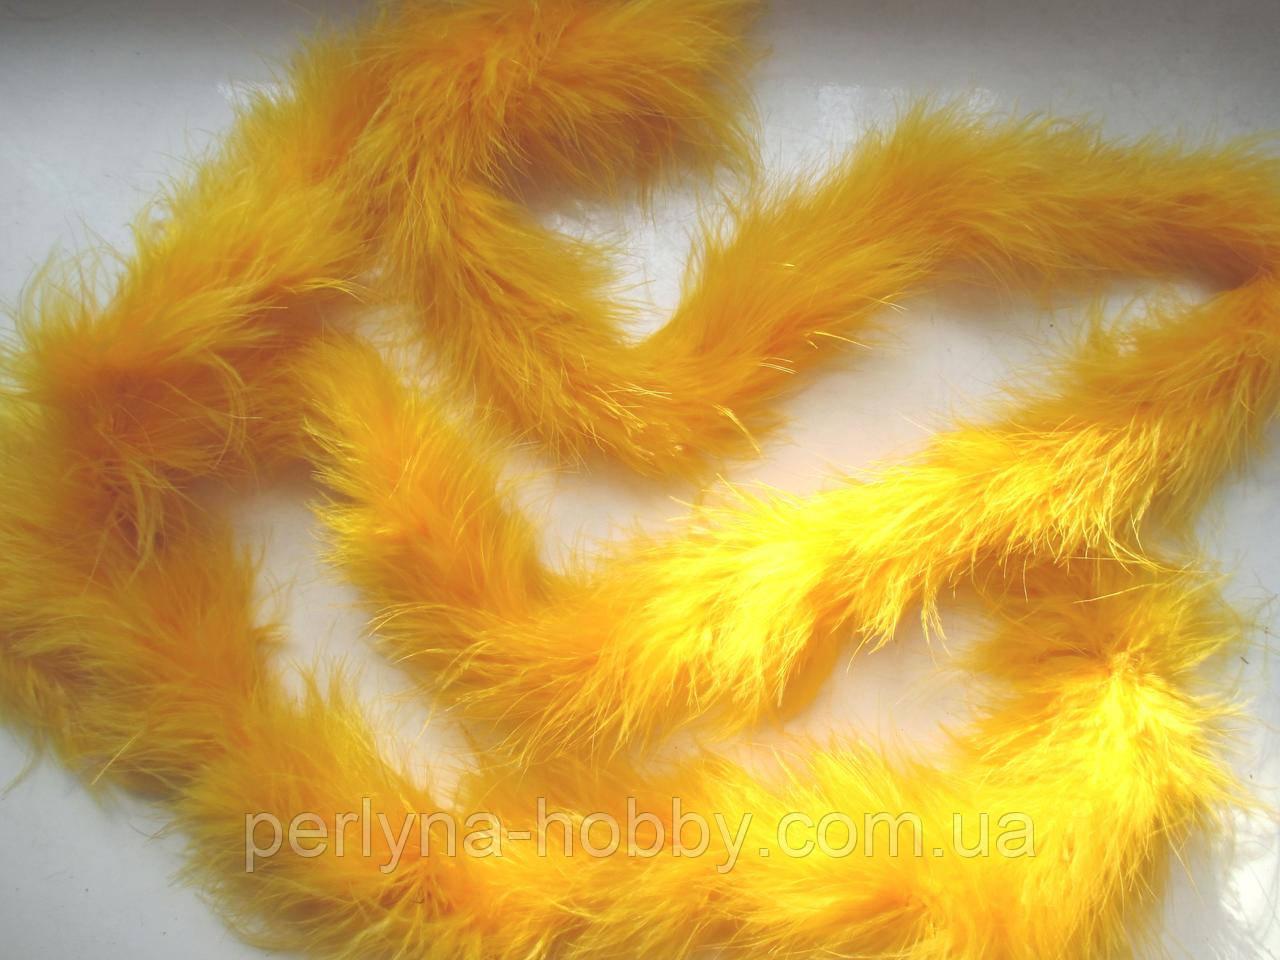 Боа пух марабу 1,8 м 25-27 грам жовто-гарячий , насичений